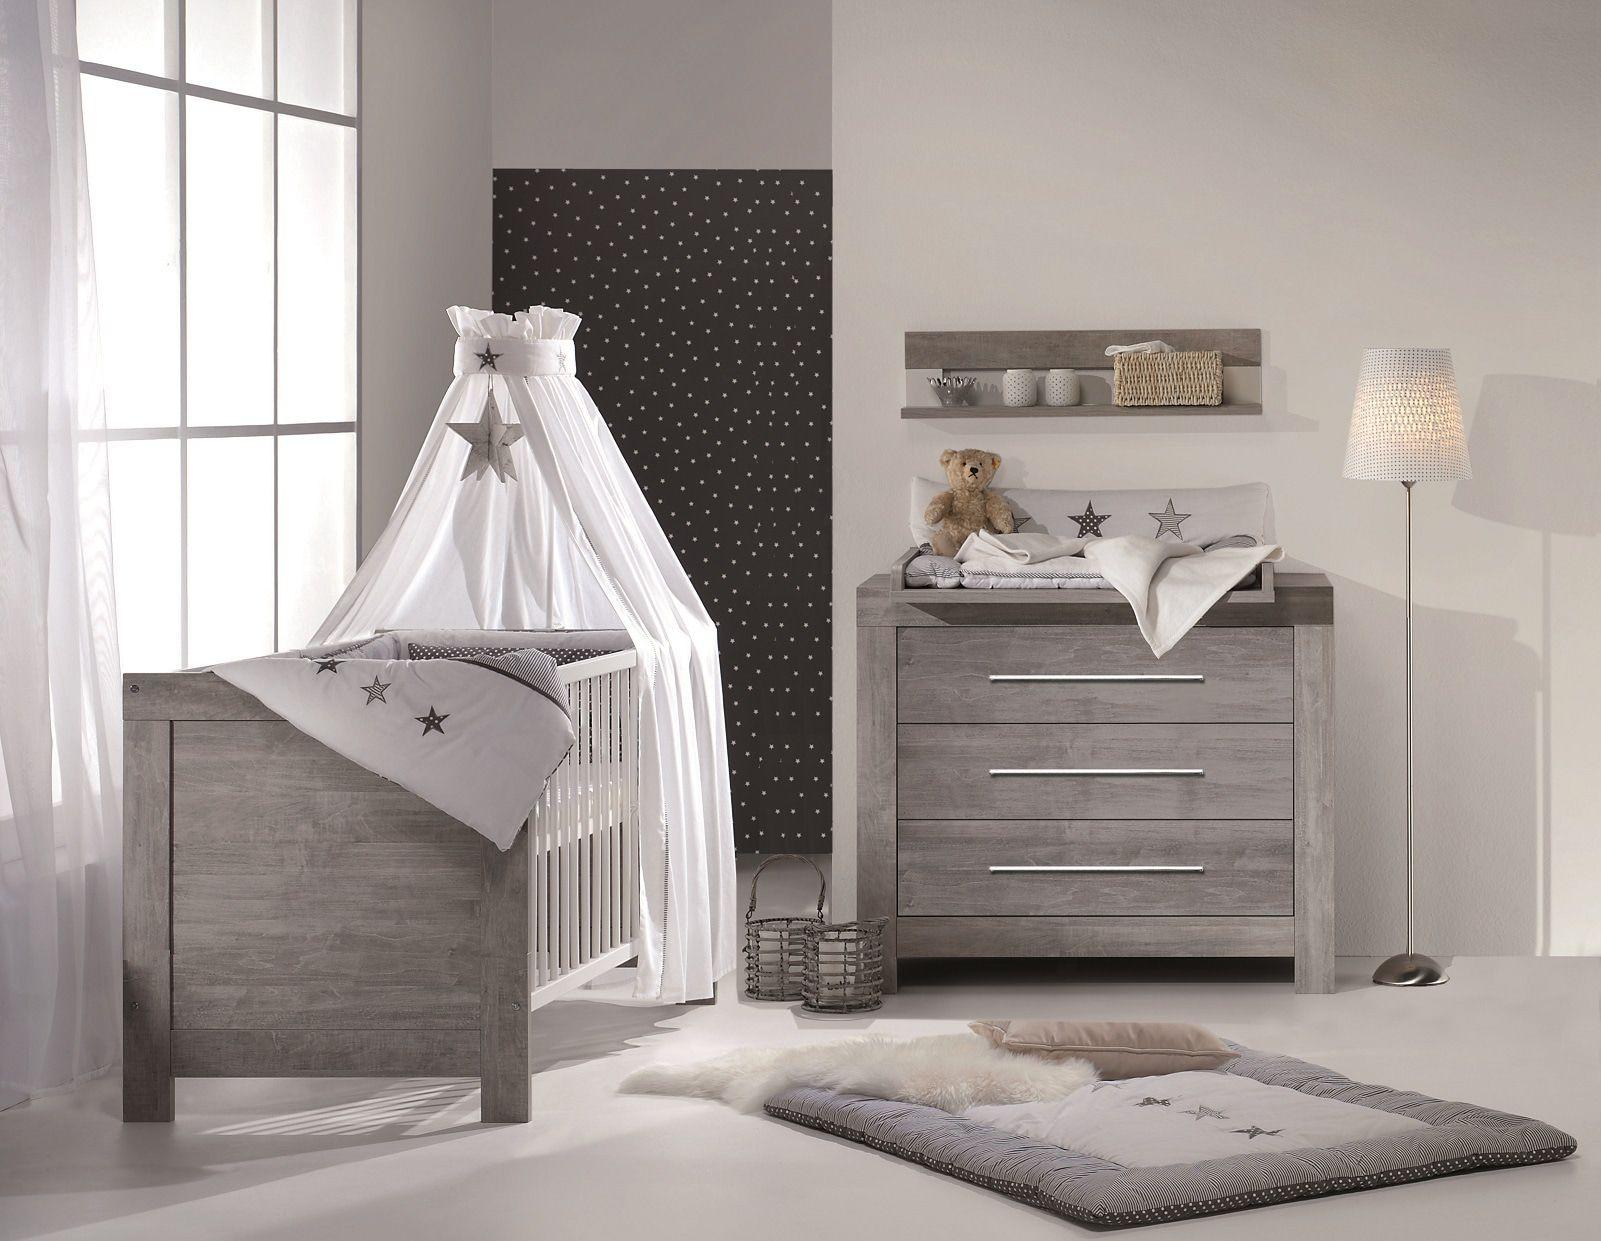 Babykamer Nordic Driftwood Ledikant + Commode